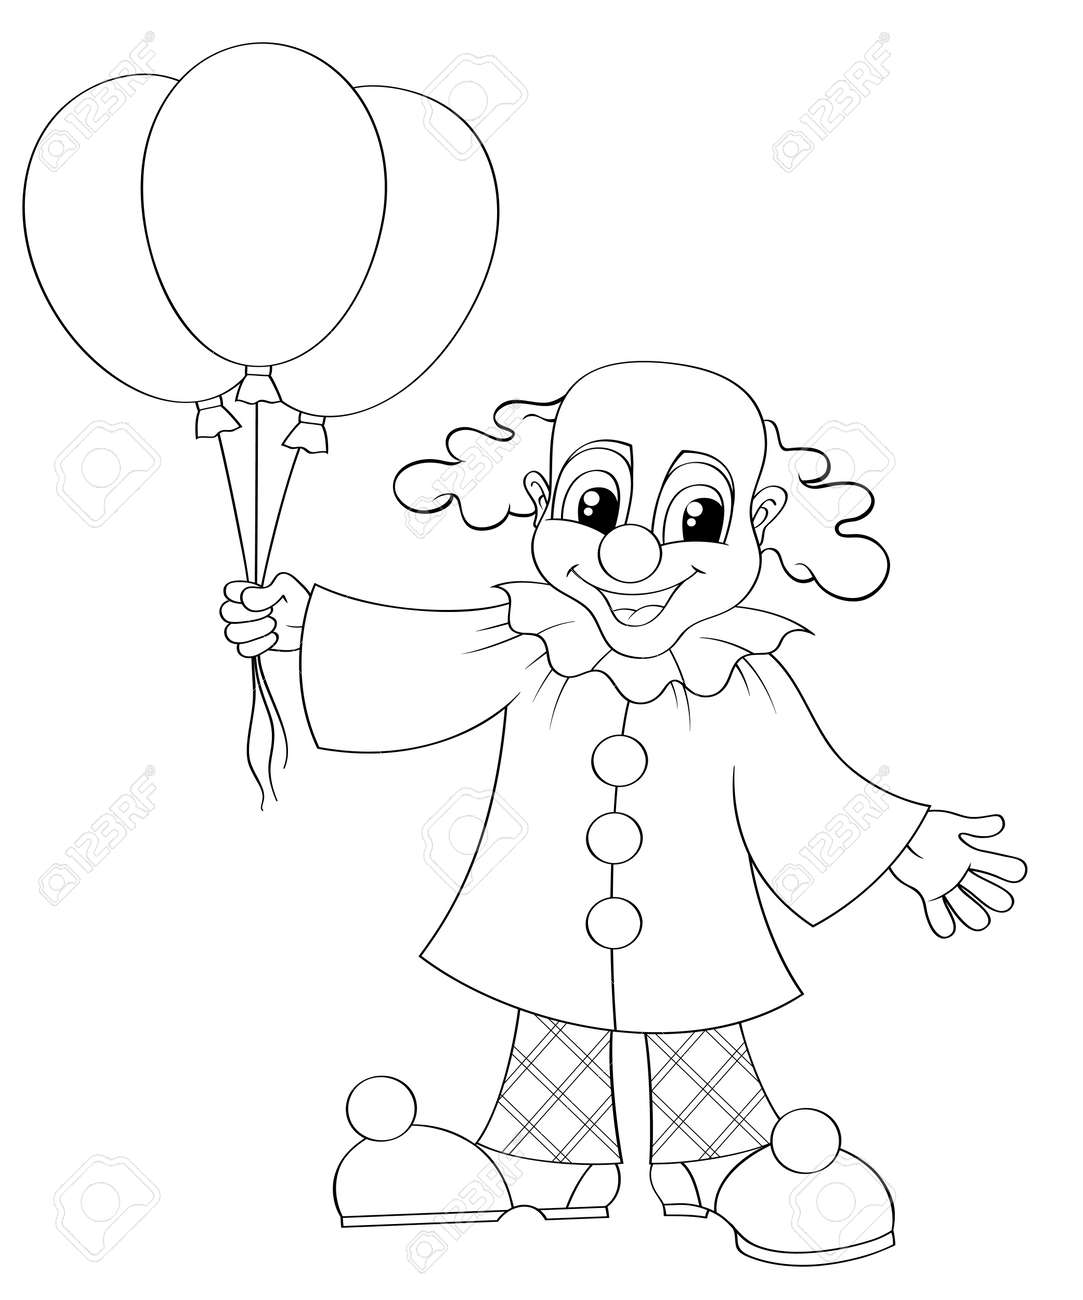 Clown Drôle Avec Des Ballons Illustration En Noir Et Blanc Pour Le Livre à Colorier